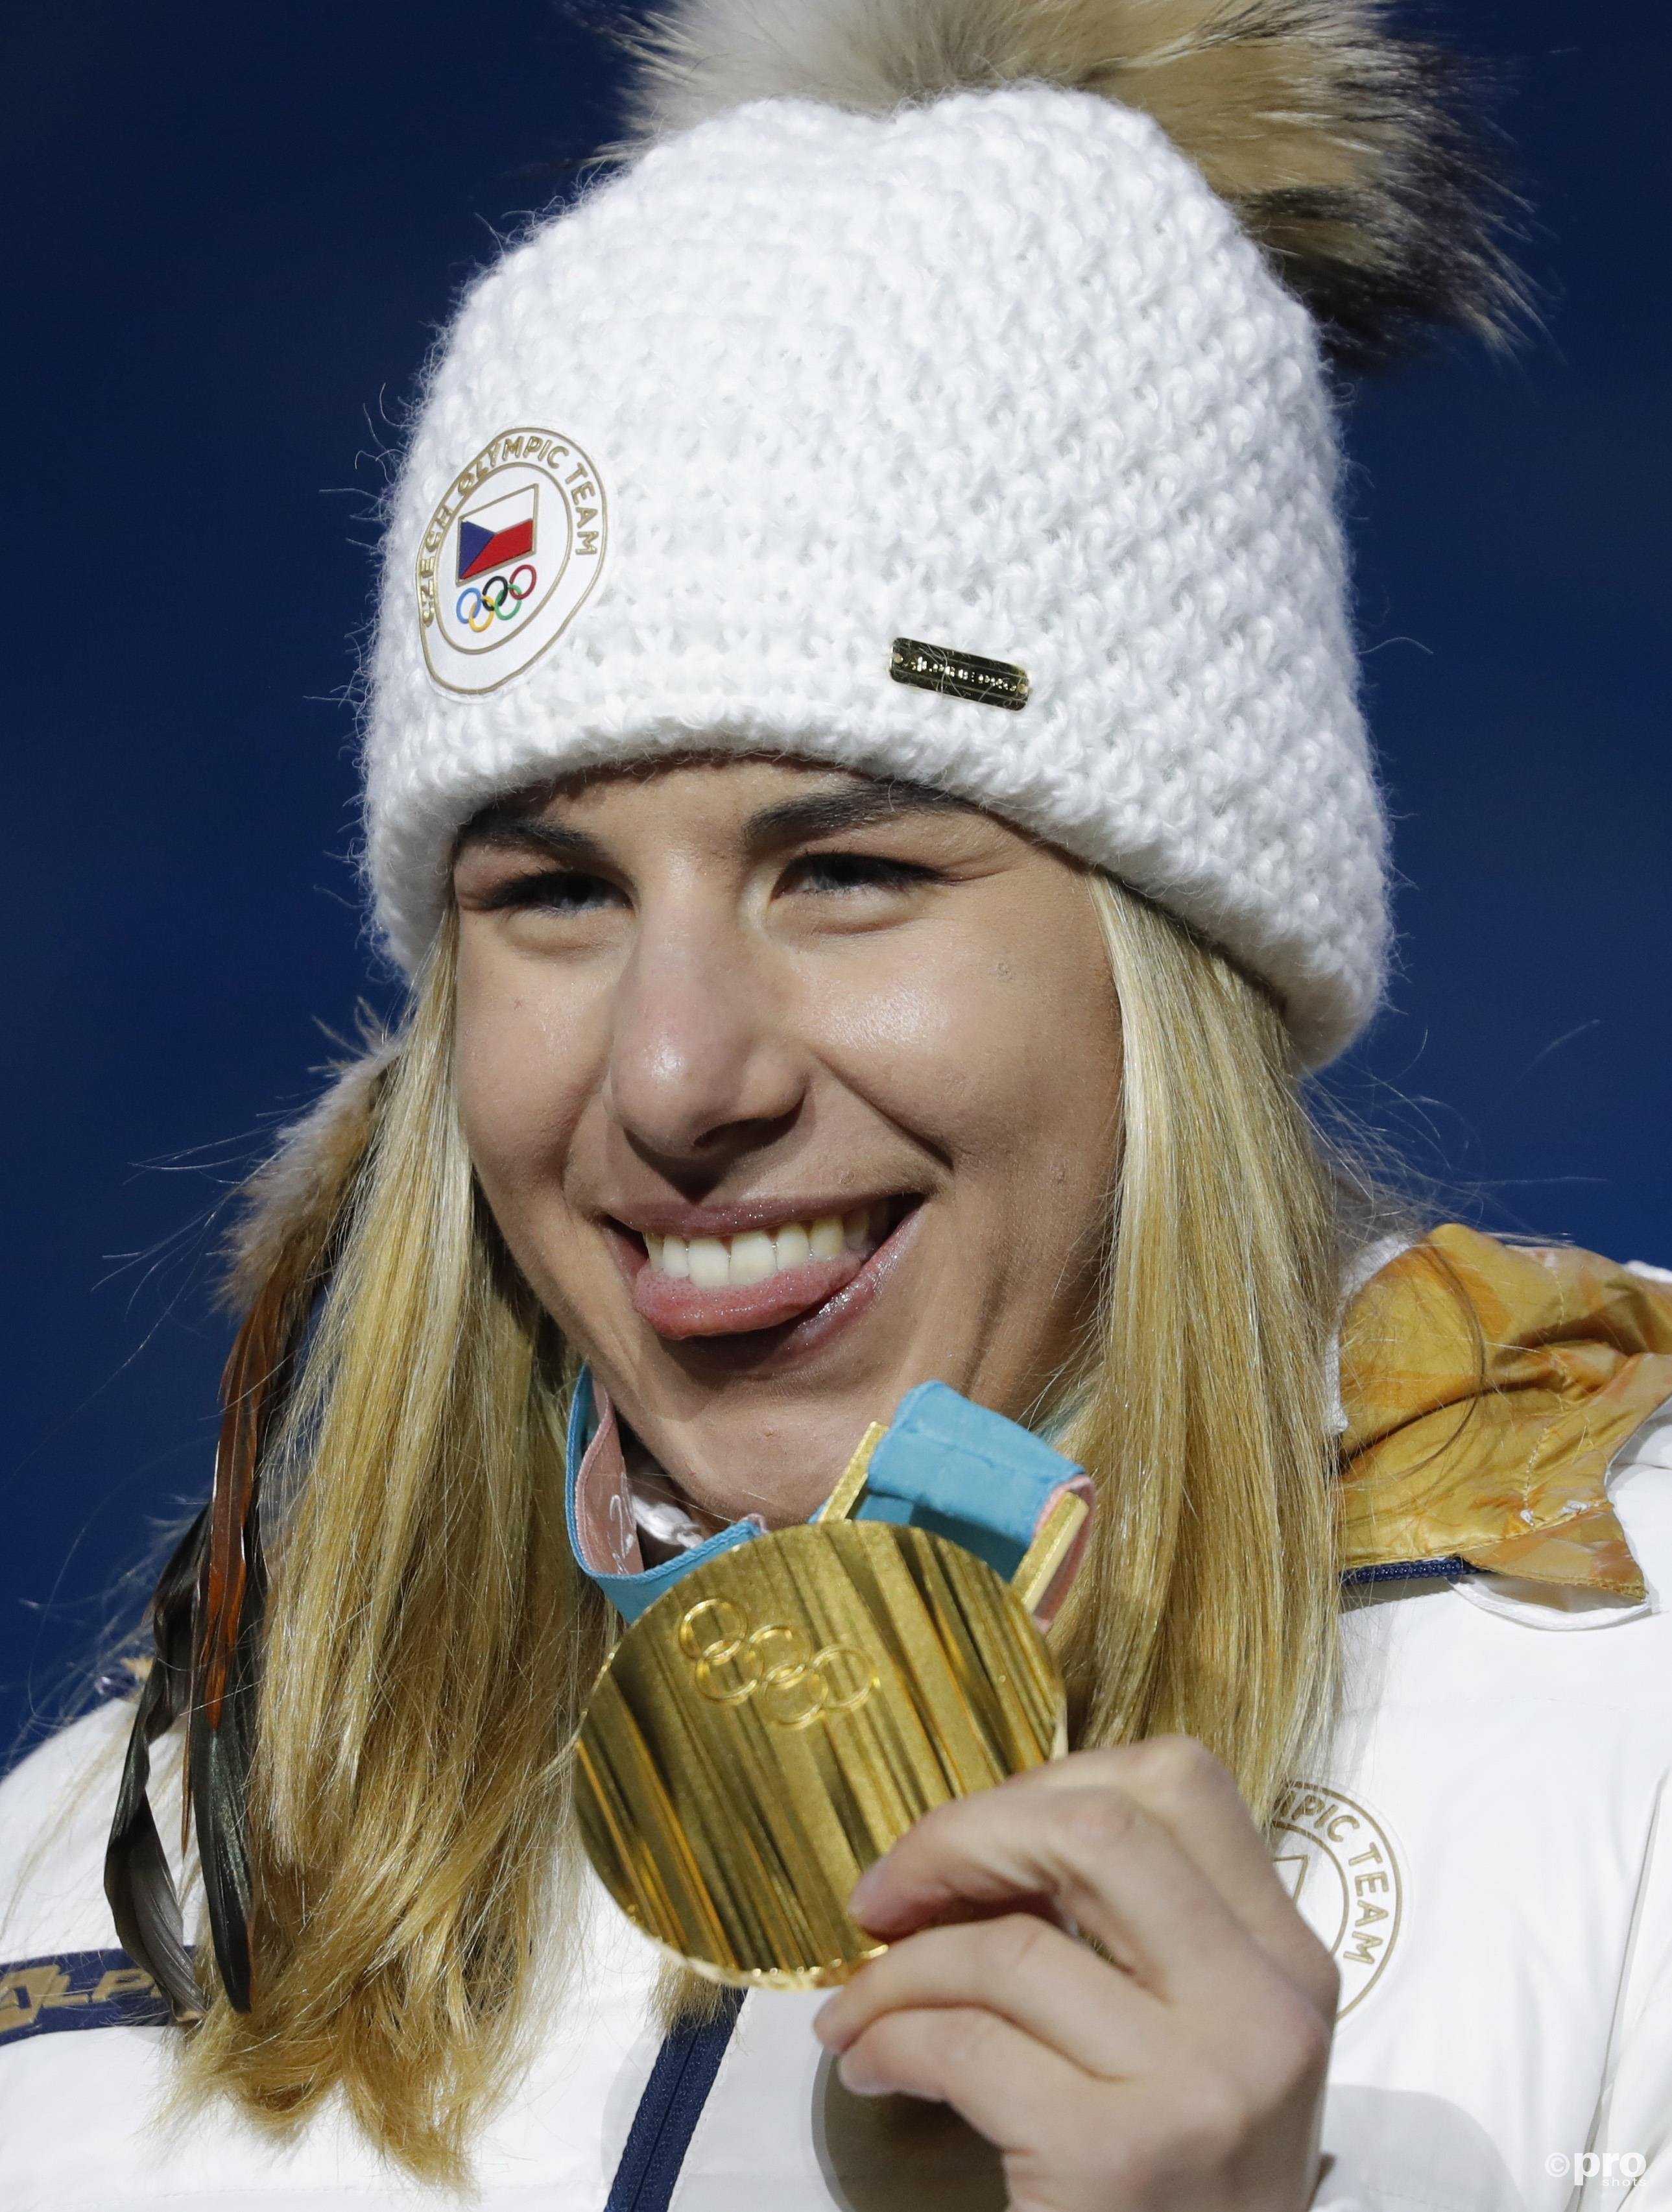 Tijdens de medailleceremonie stond de Tsjechische er toch zonder bril, maar vermoedelijk wel met een beetje make-up (Pro Shots/Action Images)